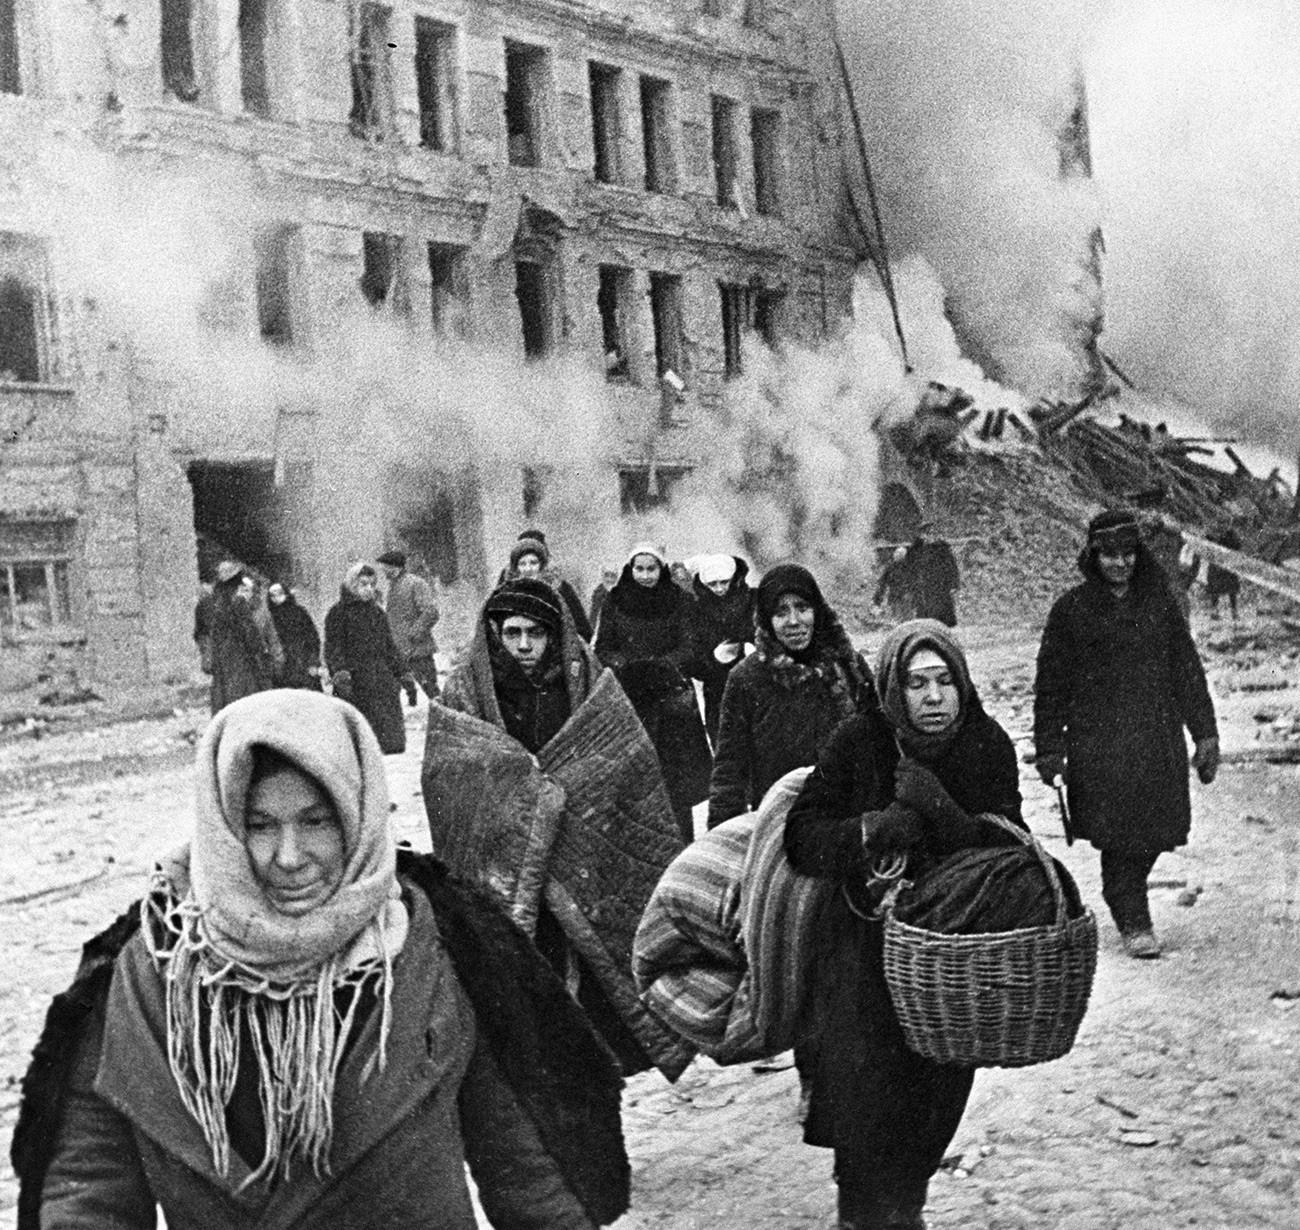 Ciudadanos de Leningrado durante el asedio de la ciudad.